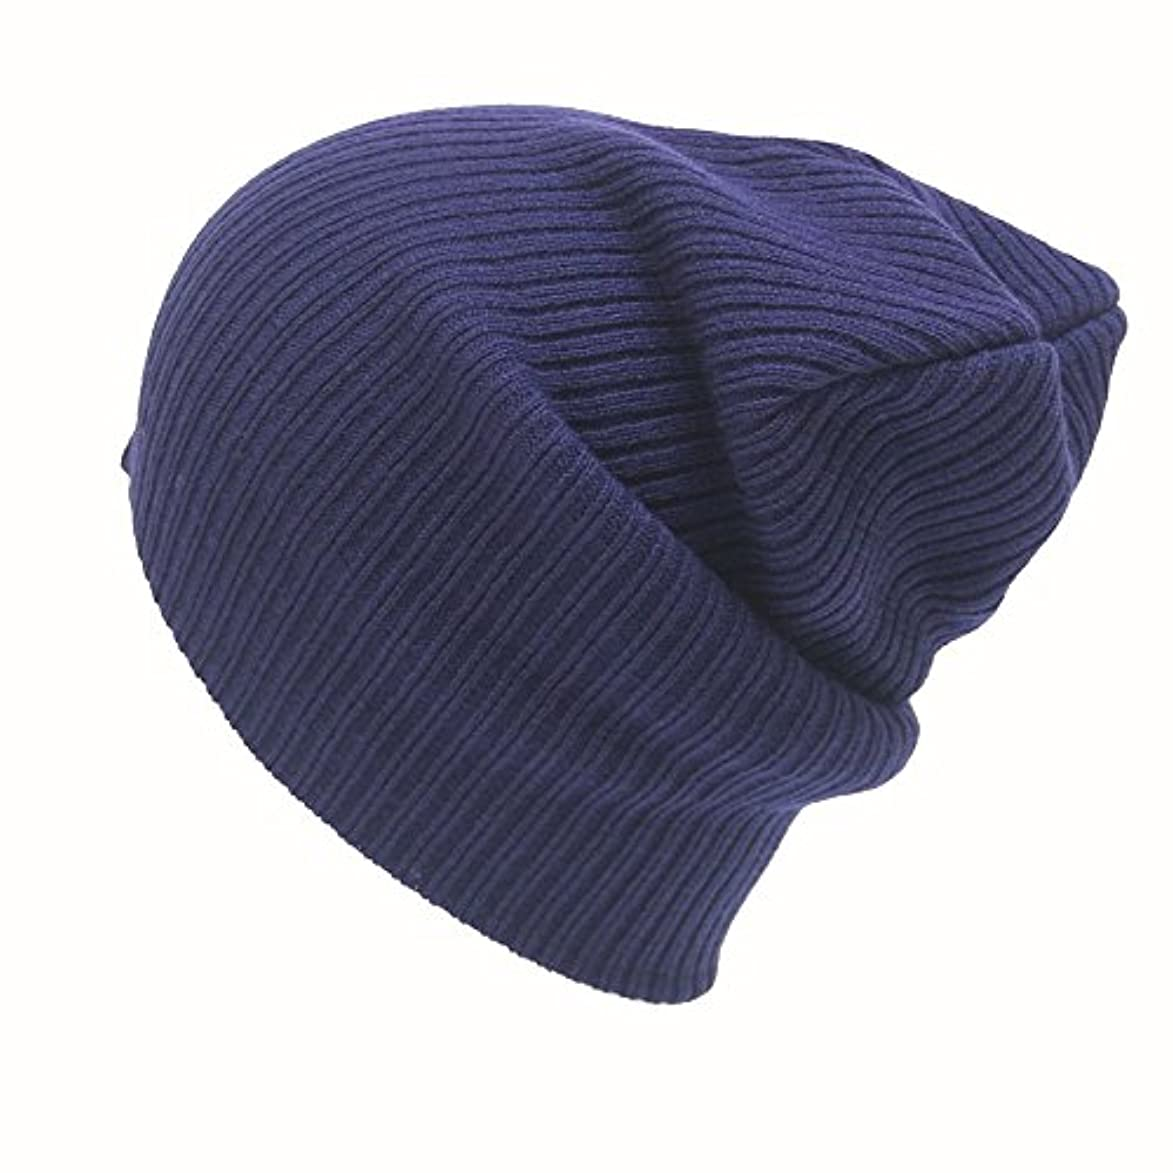 リーフレット設置どこかRacazing 選べる7色 ニット帽 編み物 ストライプ ニット帽 防寒対策 通気性のある 防風 暖かい 軽量 屋外 スキー 自転車 クリスマス Hat 男女兼用 (ネービー)